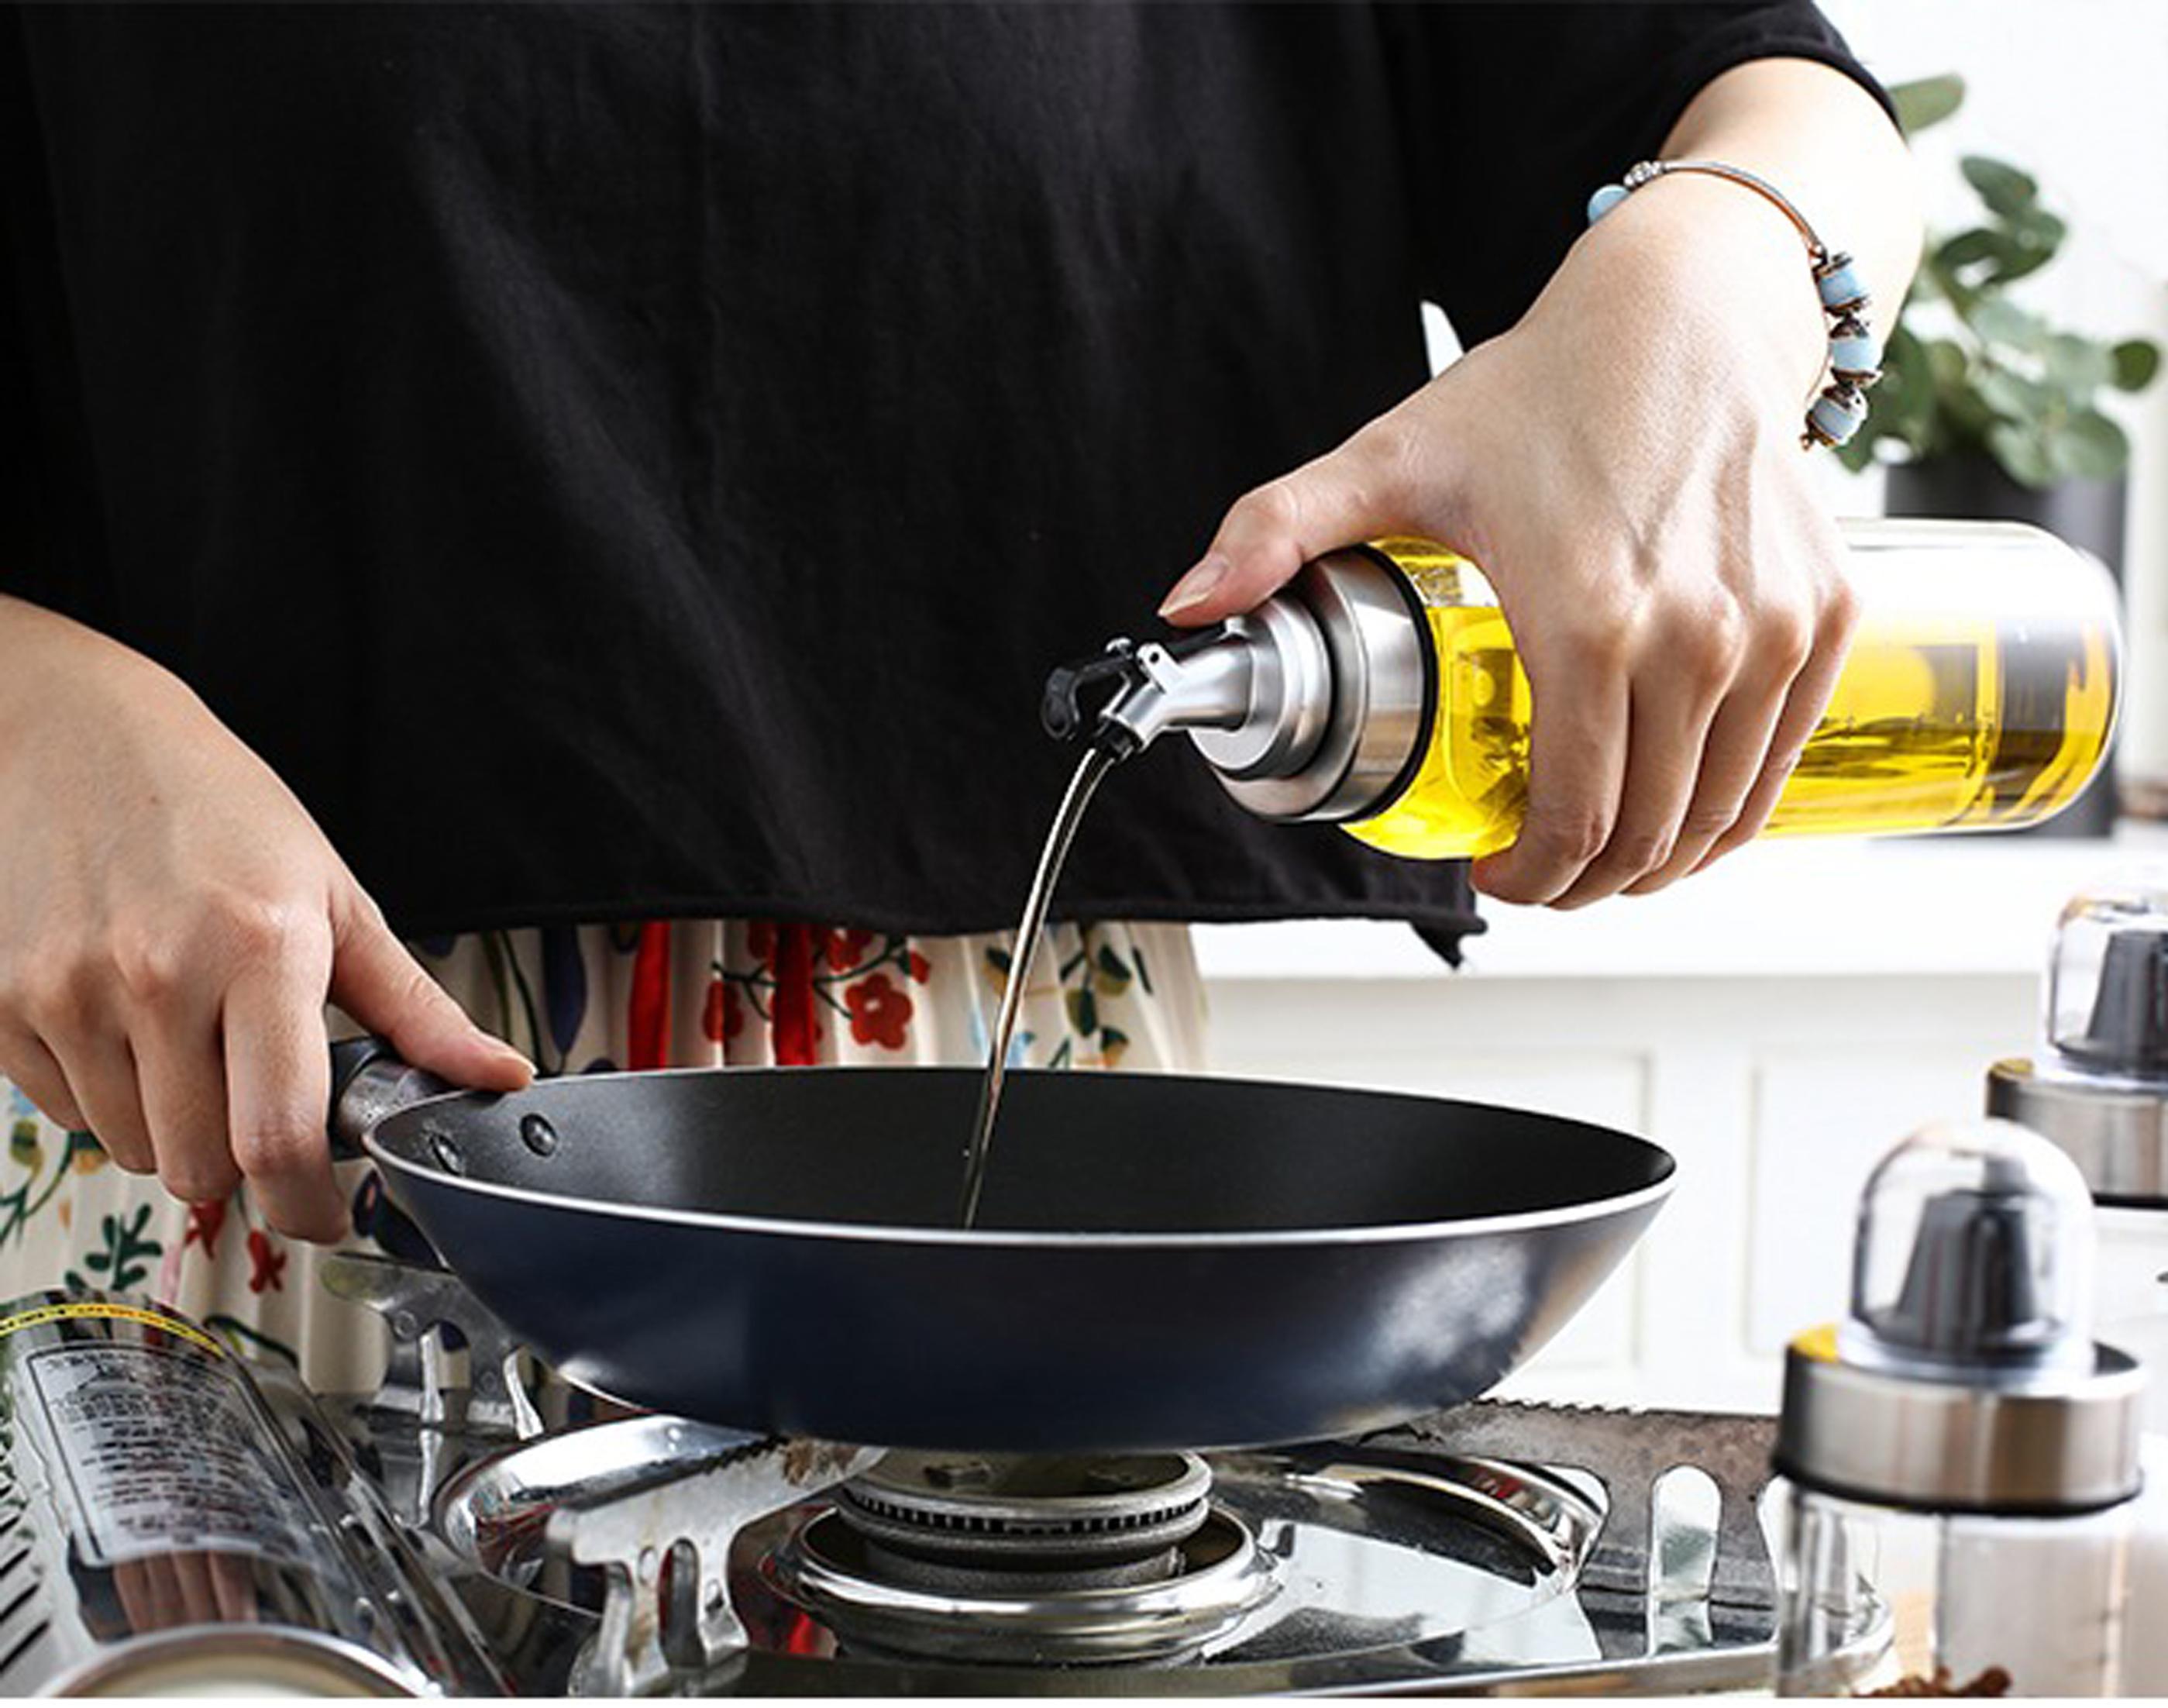 Bình thủy tinh 300ml đựng dầu ăn, giấm, nước tương, nước mắm, gia vị - 211